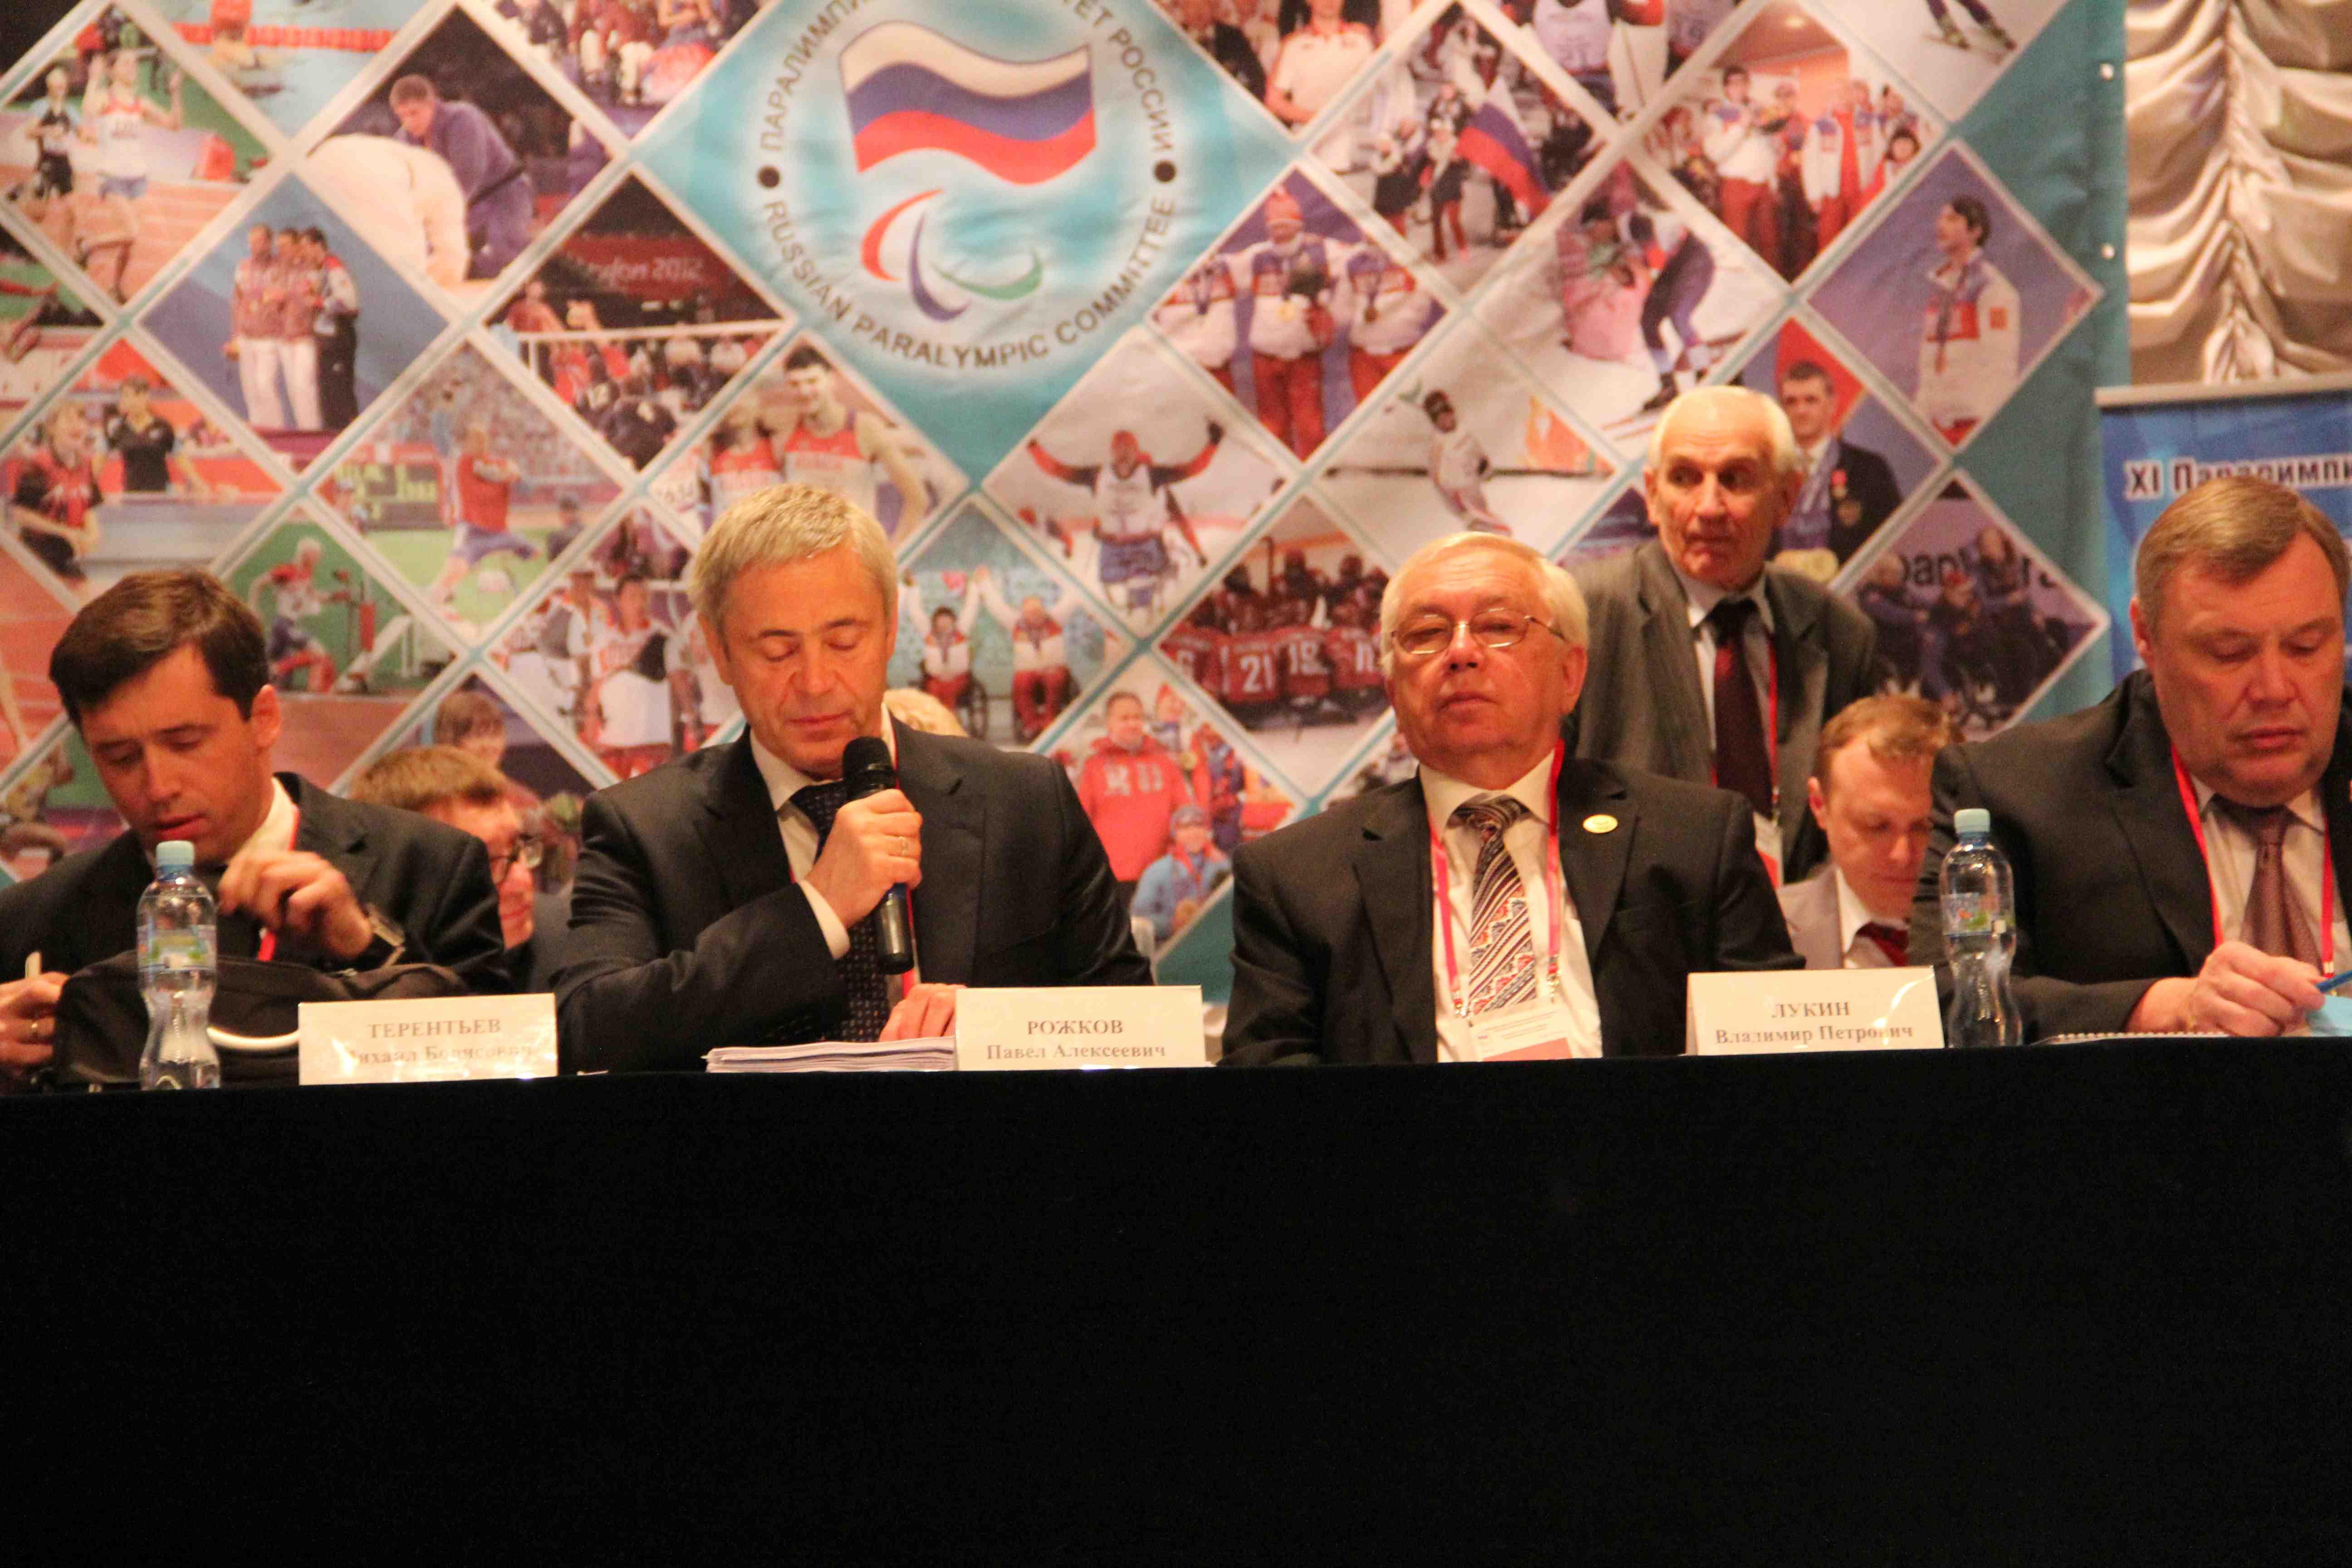 Очередное отчетно-выборное Паралимпийское собрание начало работу